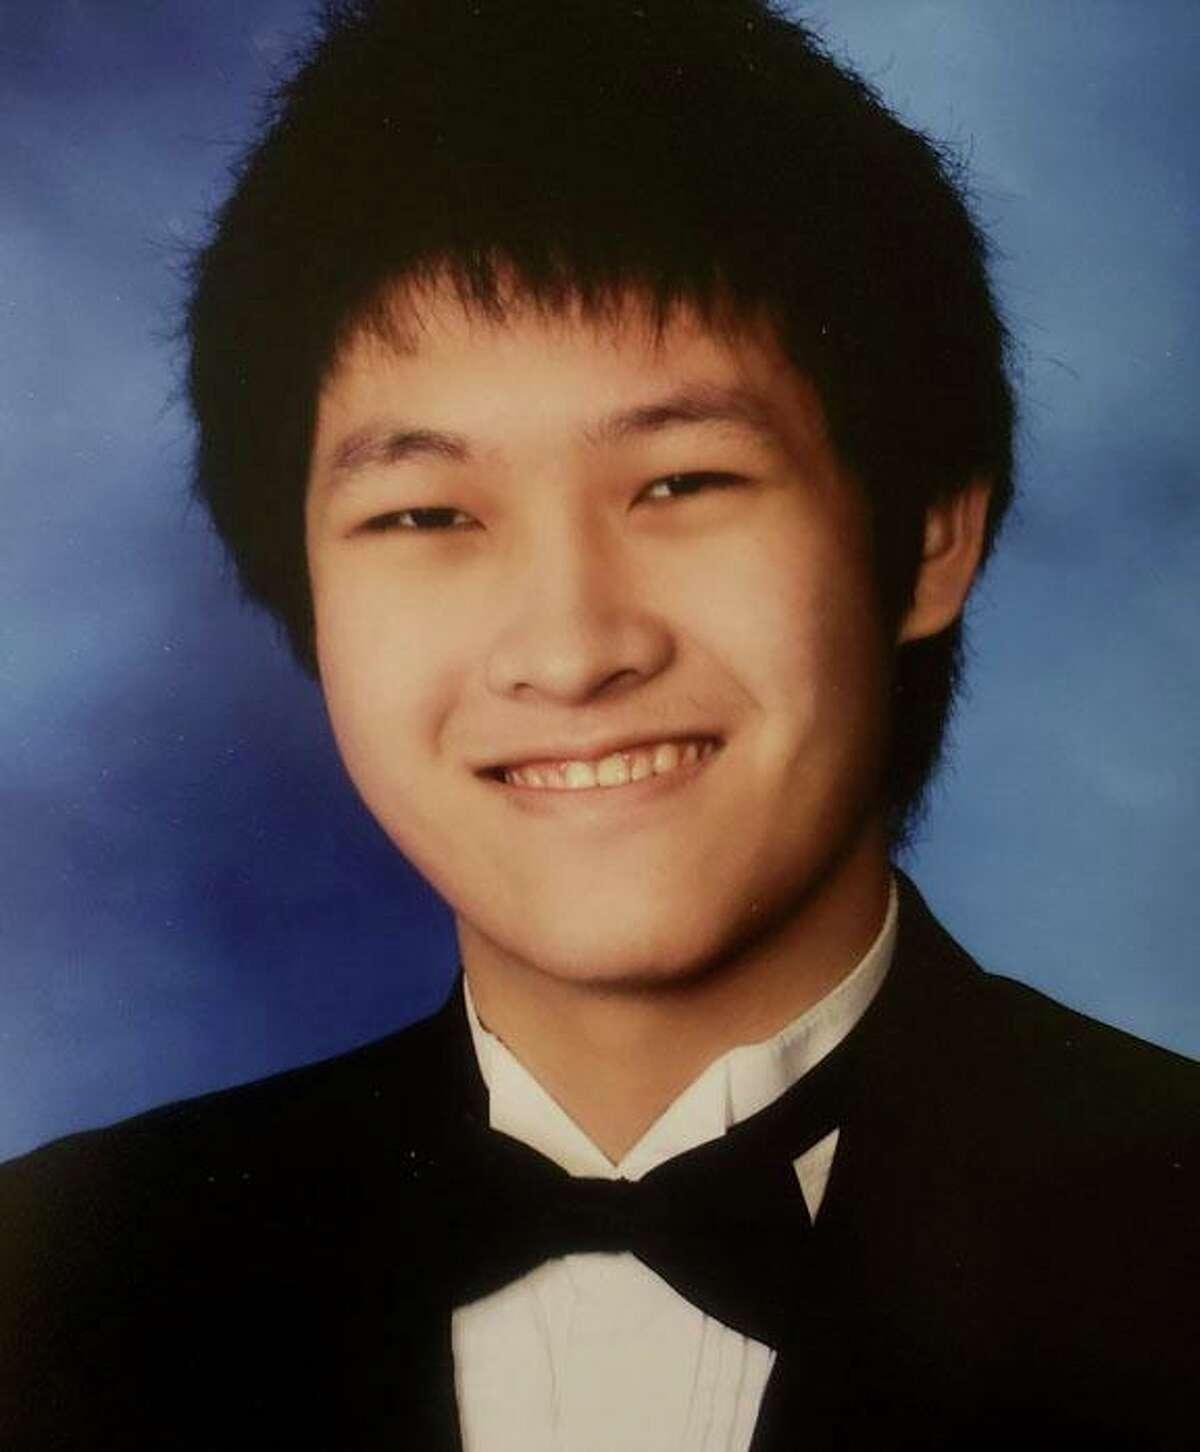 Christopher Zhou